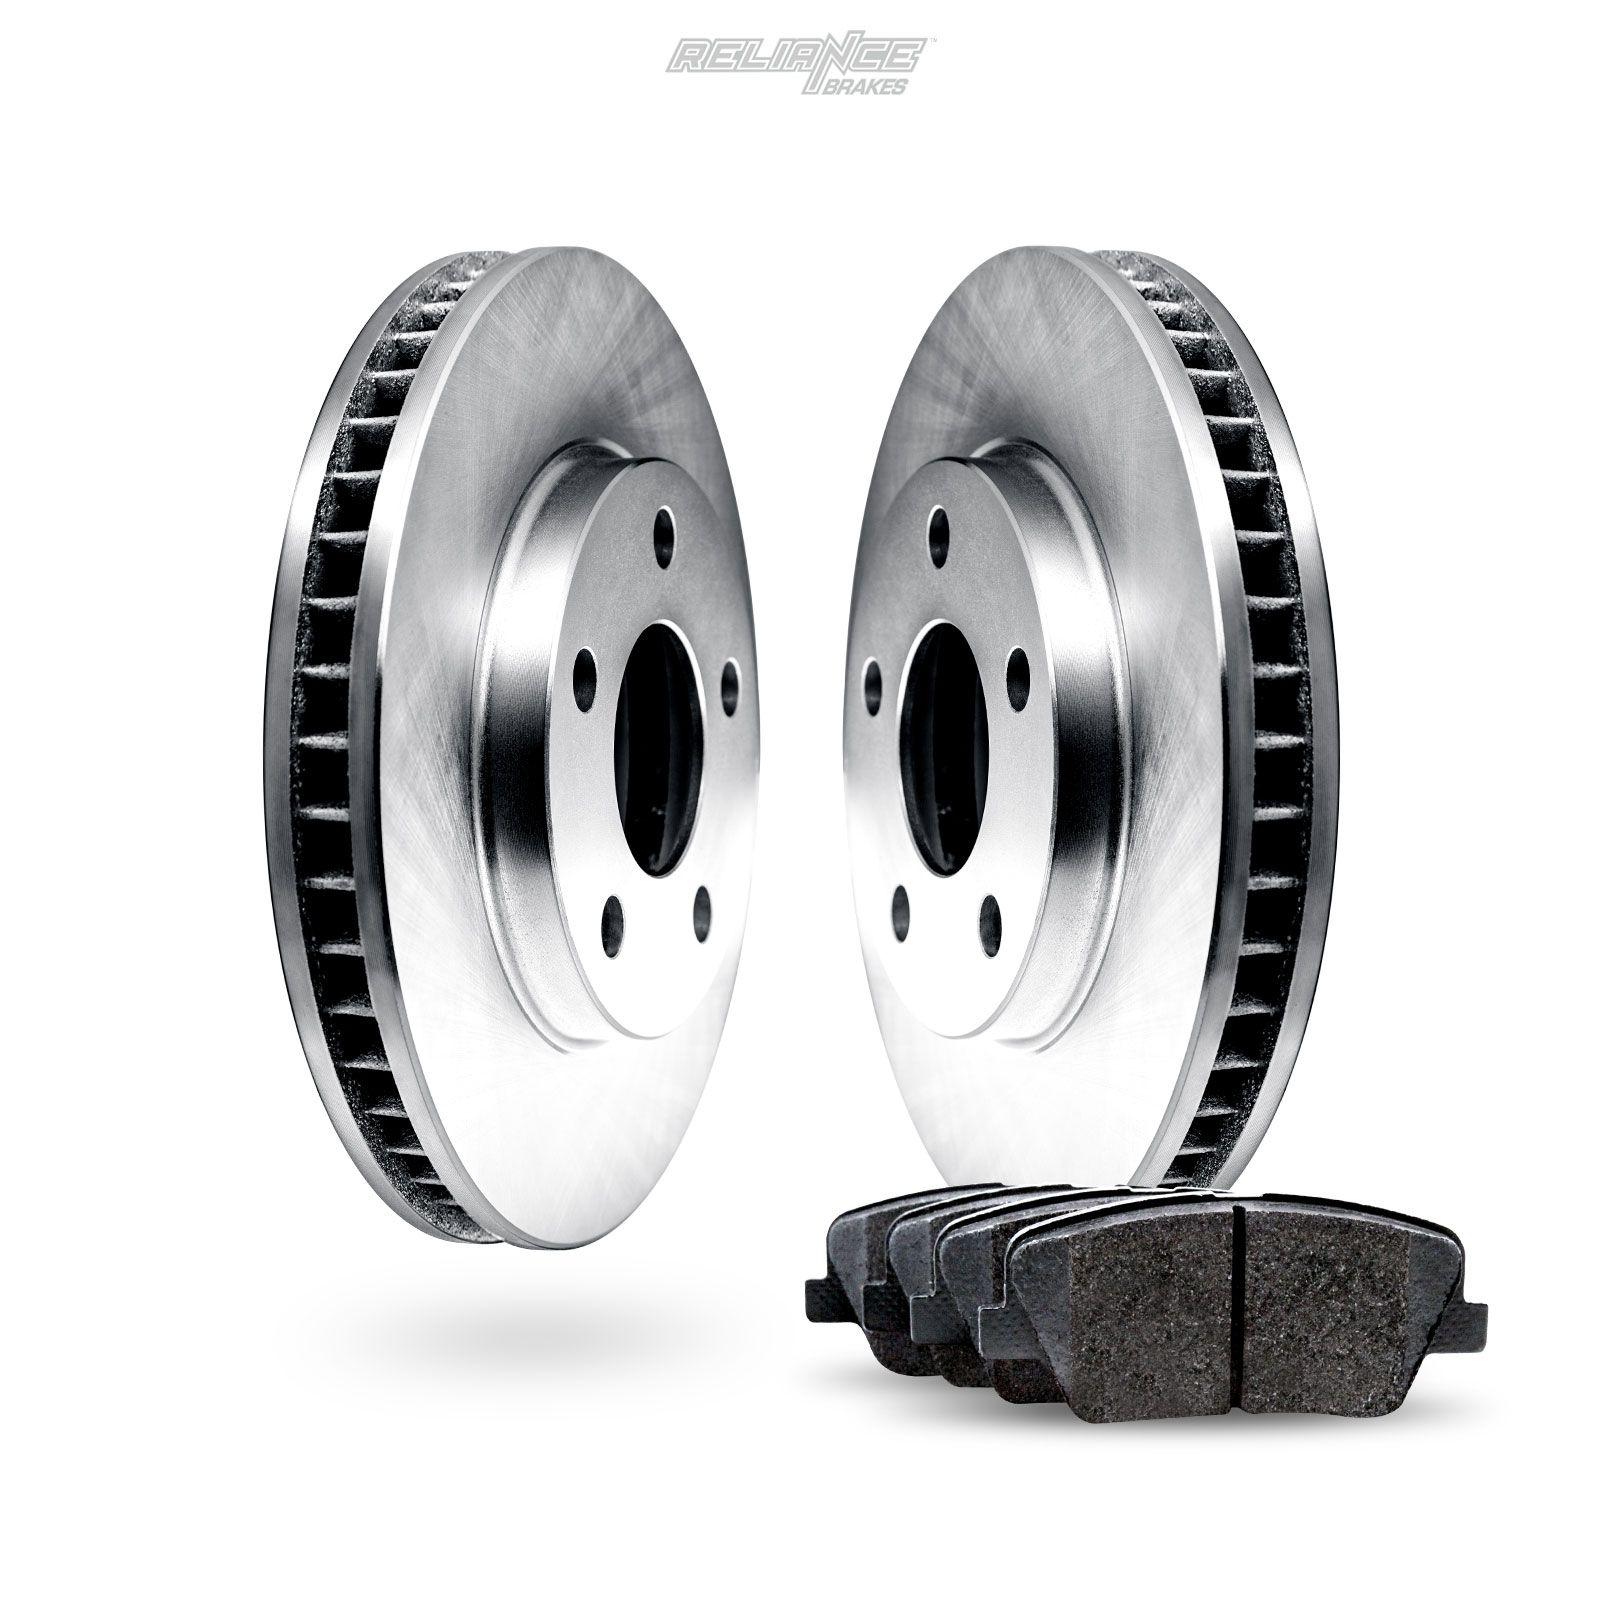 2010 2011 2012 for Hyundai Santa Fe Disc Brake Rotors and Ceramic Pads Front